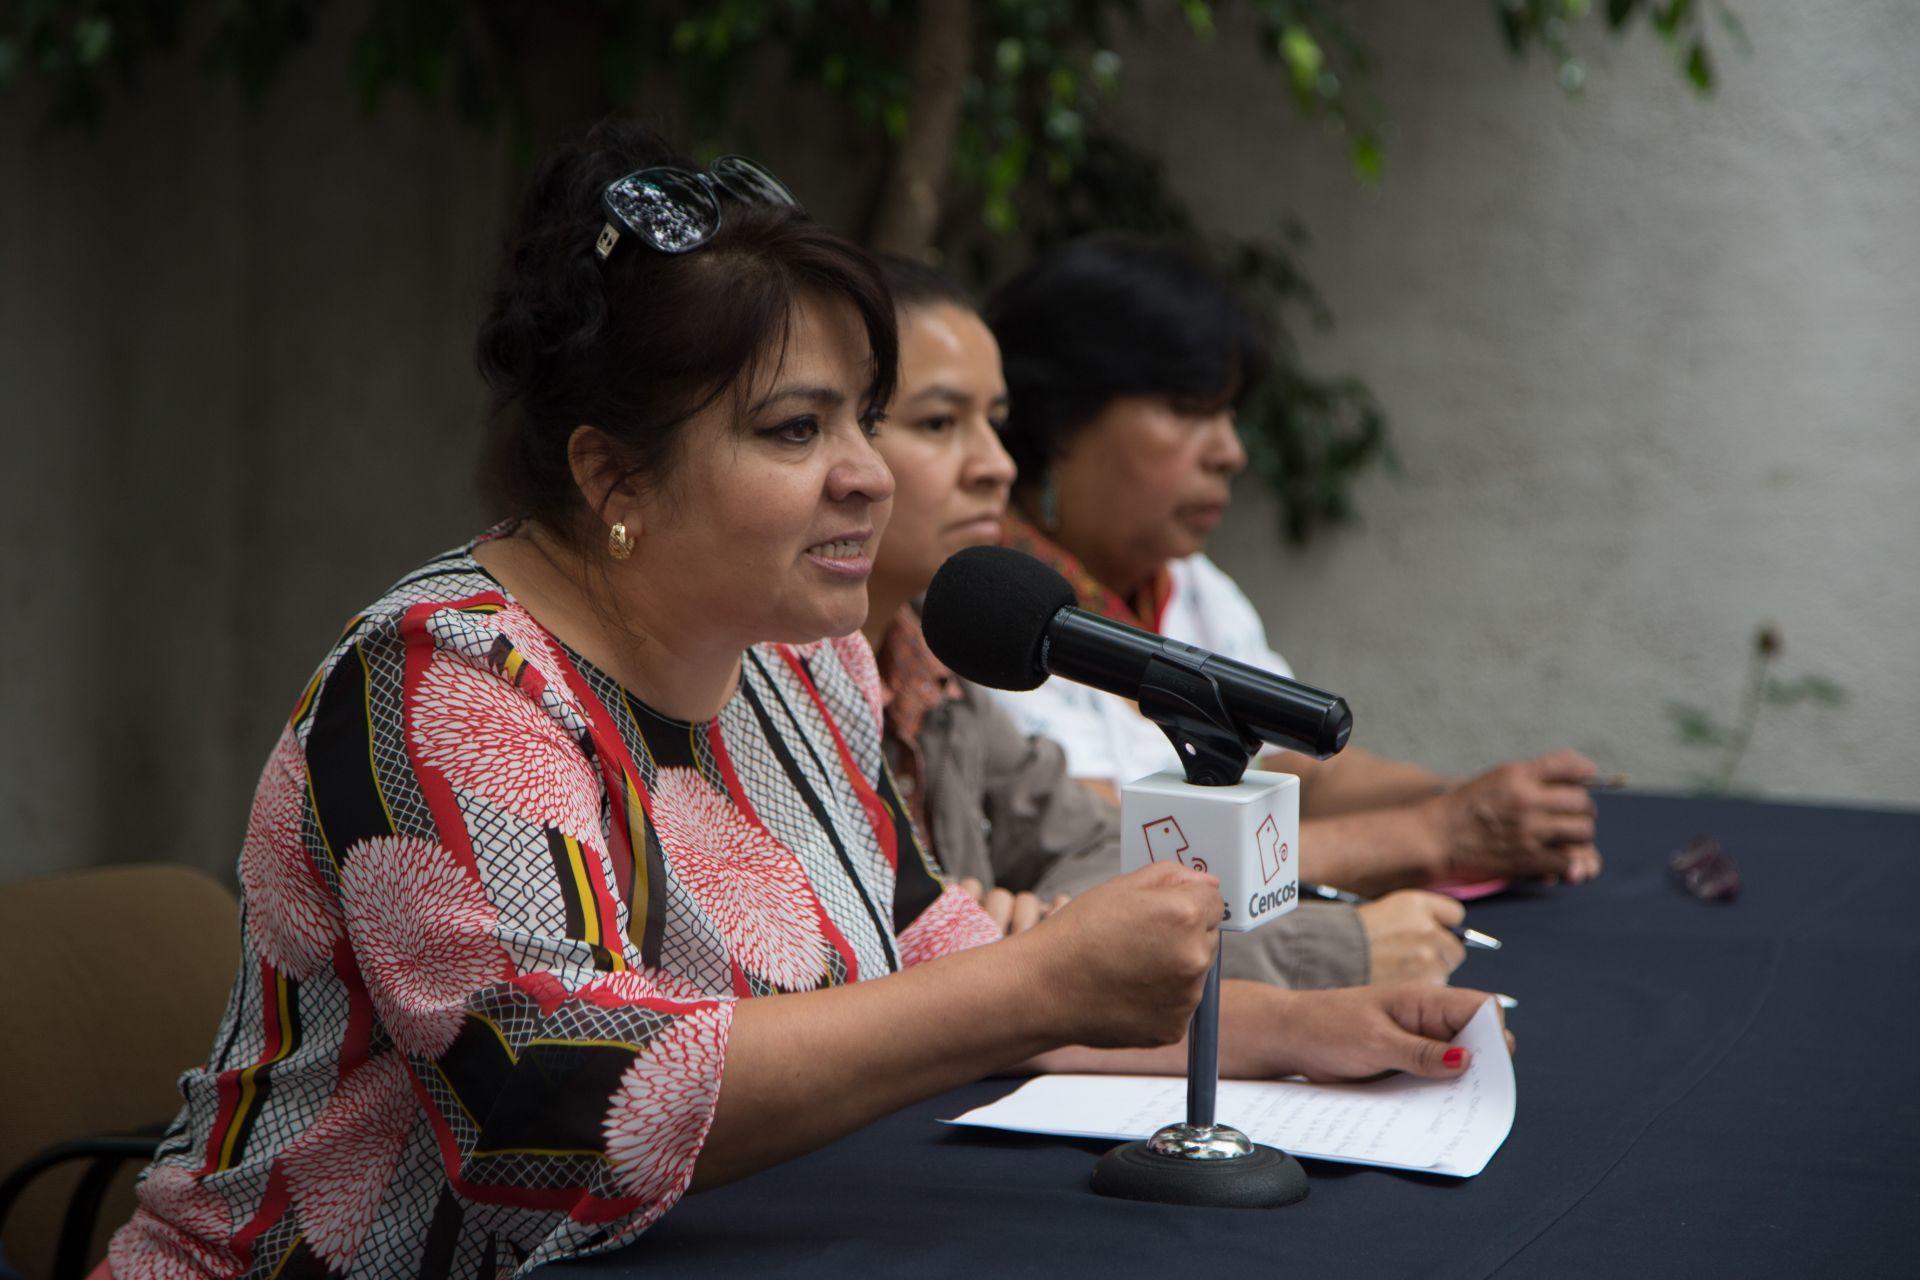 CIUDAD DE MÉXICO, 10OCTUBRE2018.- Alberto Patishtán, ex preso político chiapaneco se une a otros activistas para conformar un Frente en Apoyo a seis indígenas de Tlanixco sentenciados a más de 50 años de cárcel por defender el agua para su comunidad.